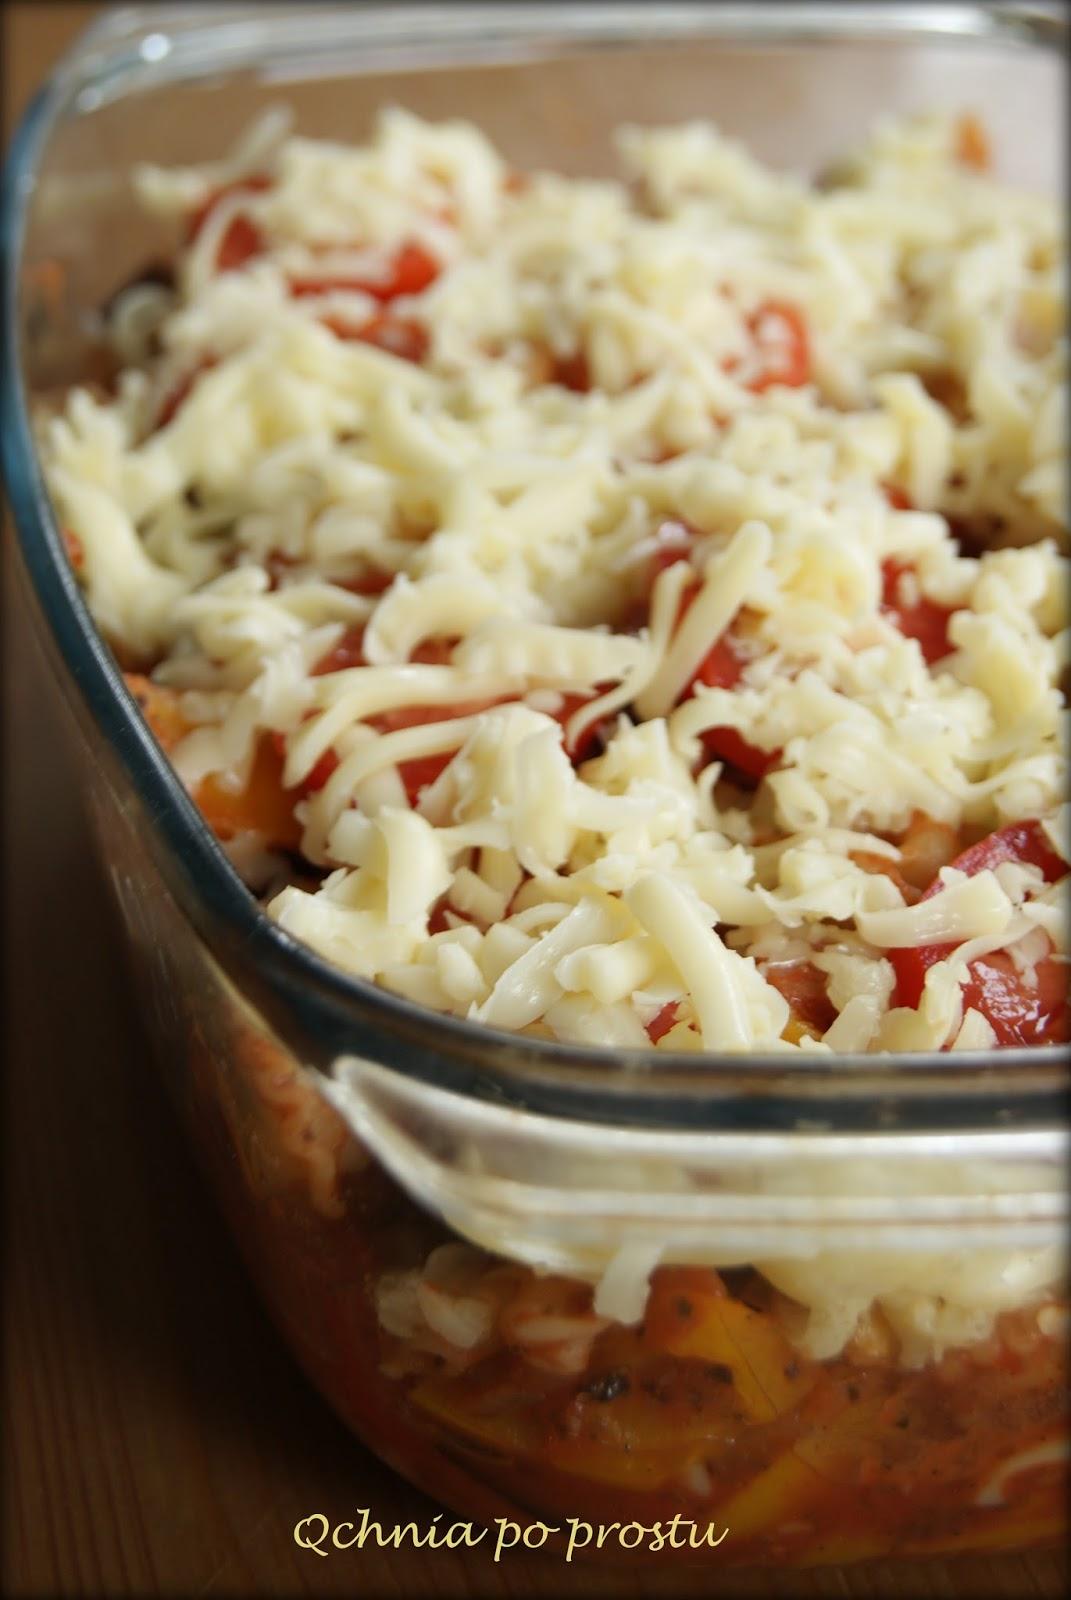 Qchnia po prostu Zapiekanka makaronowa z warzywami i boczkiem -> Qchnia U Orzecha